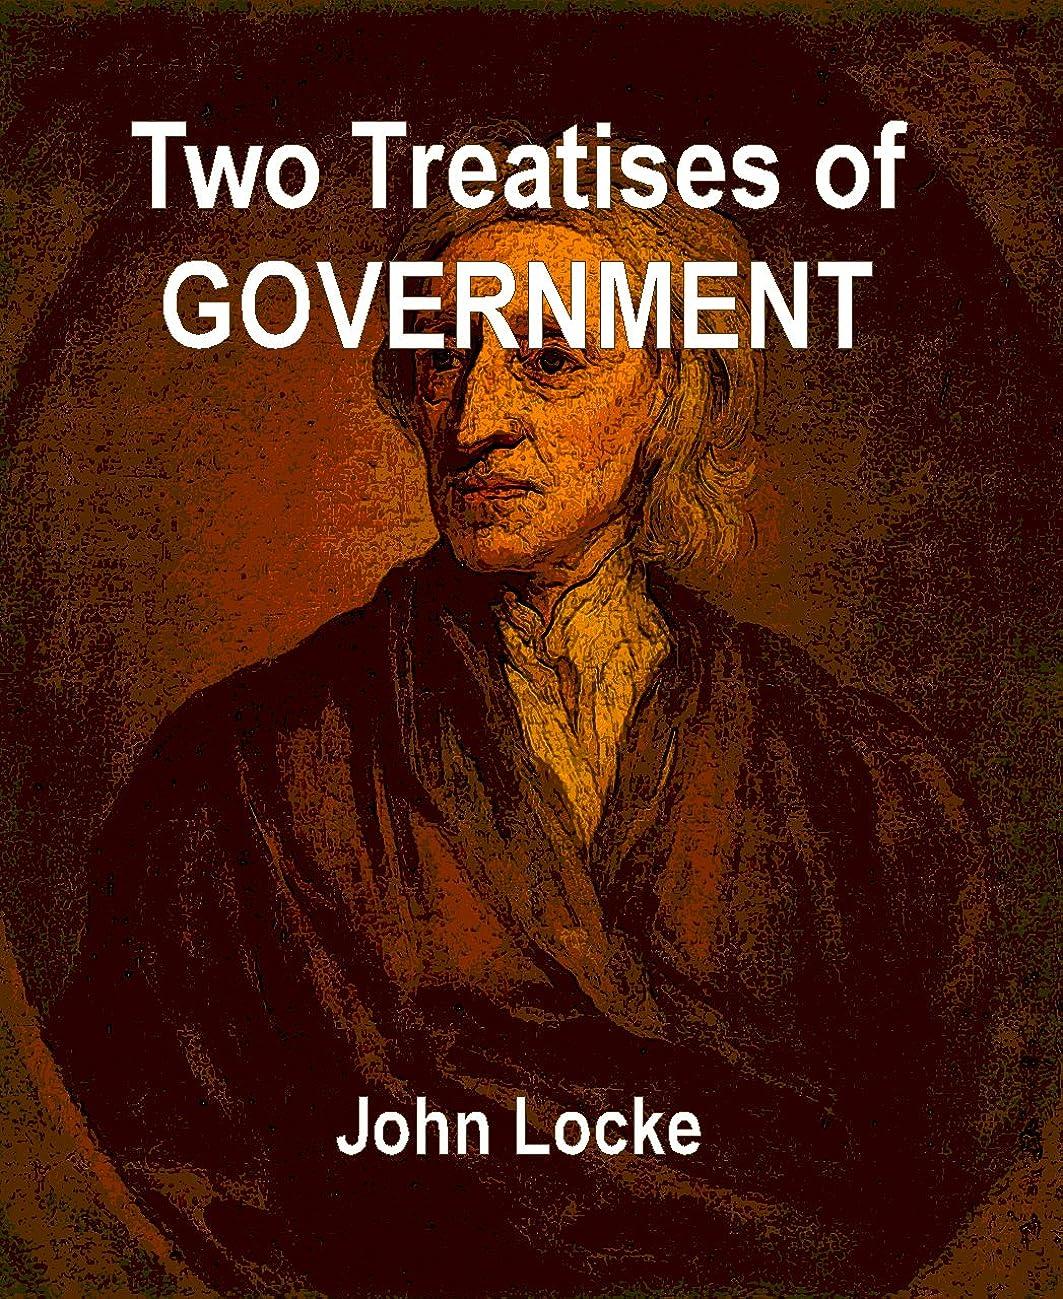 についてバンケット嵐Two Treatises of Government (English Edition)